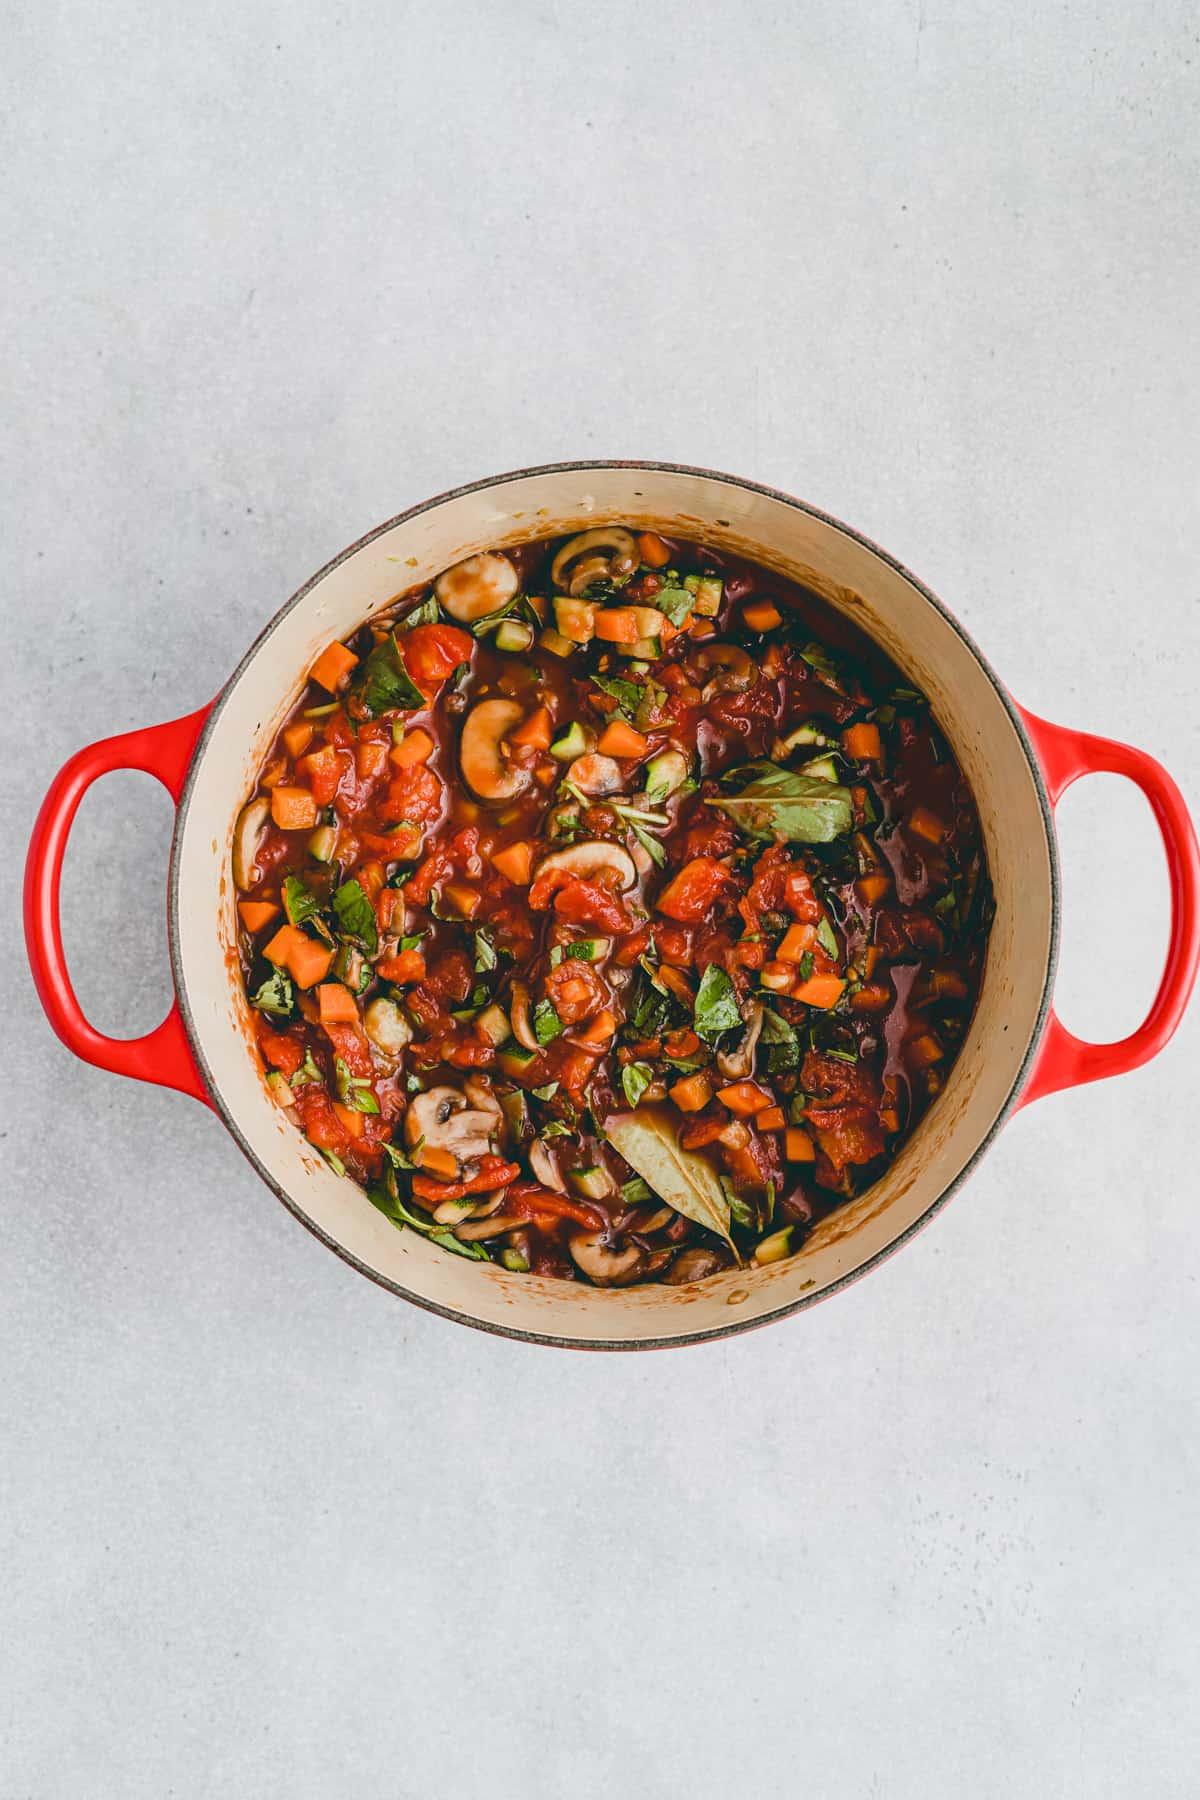 Vegetarian Lasagna Recipe Step 1-5